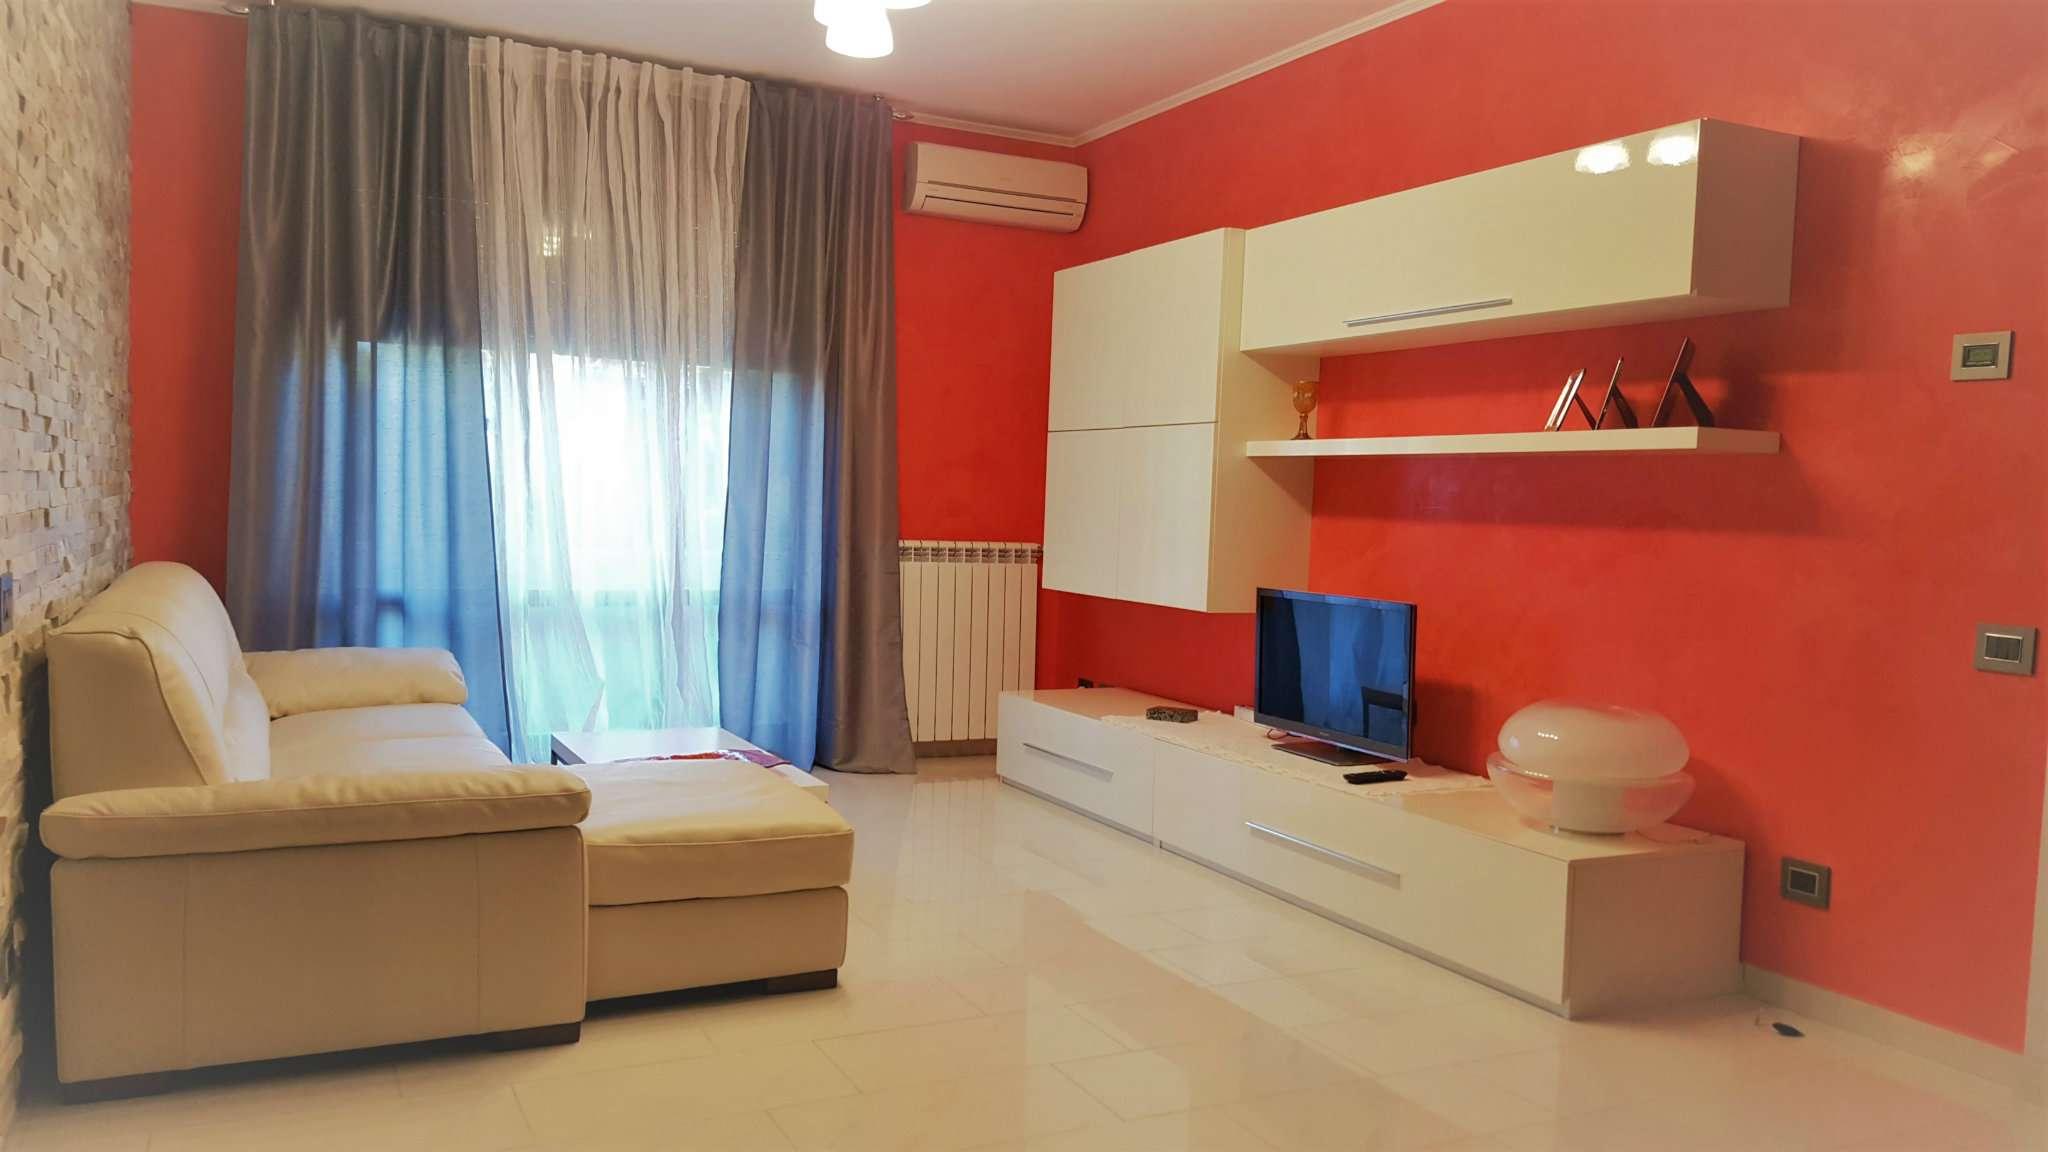 Appartamento in vendita a Arsago Seprio, 9999 locali, prezzo € 130.000   Cambio Casa.it